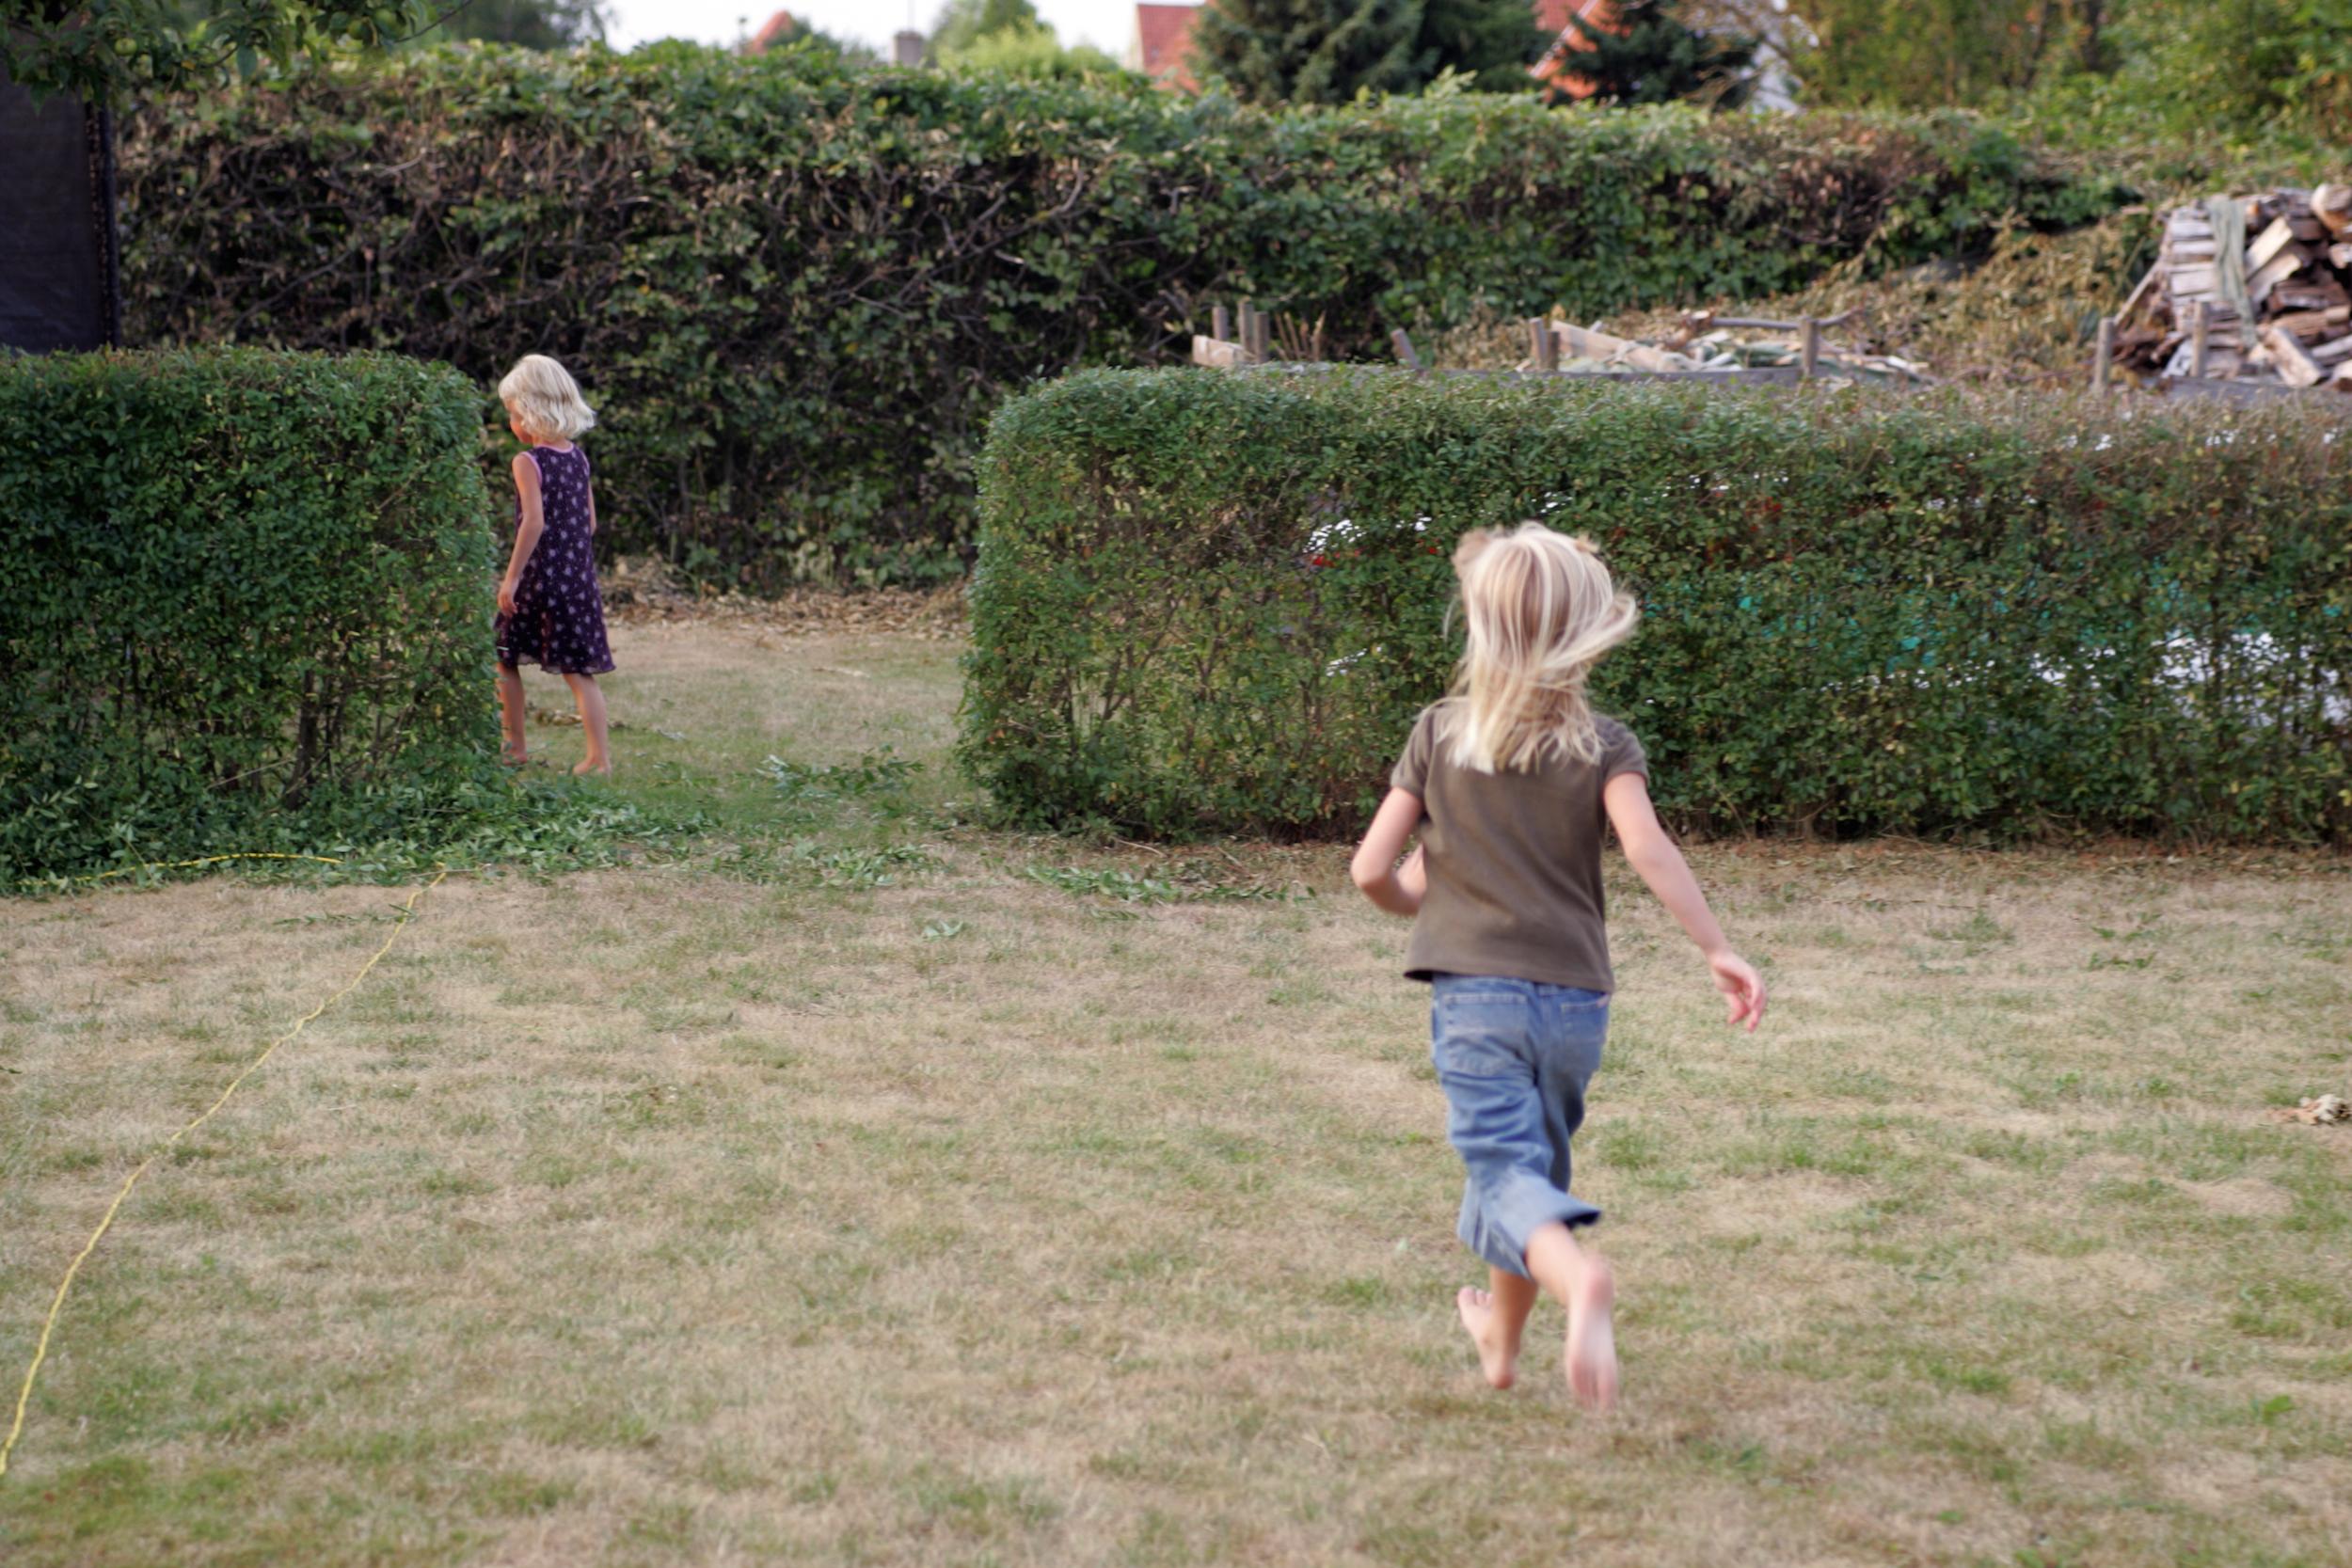 Kinderen zouden vaker buiten moeten spelen.